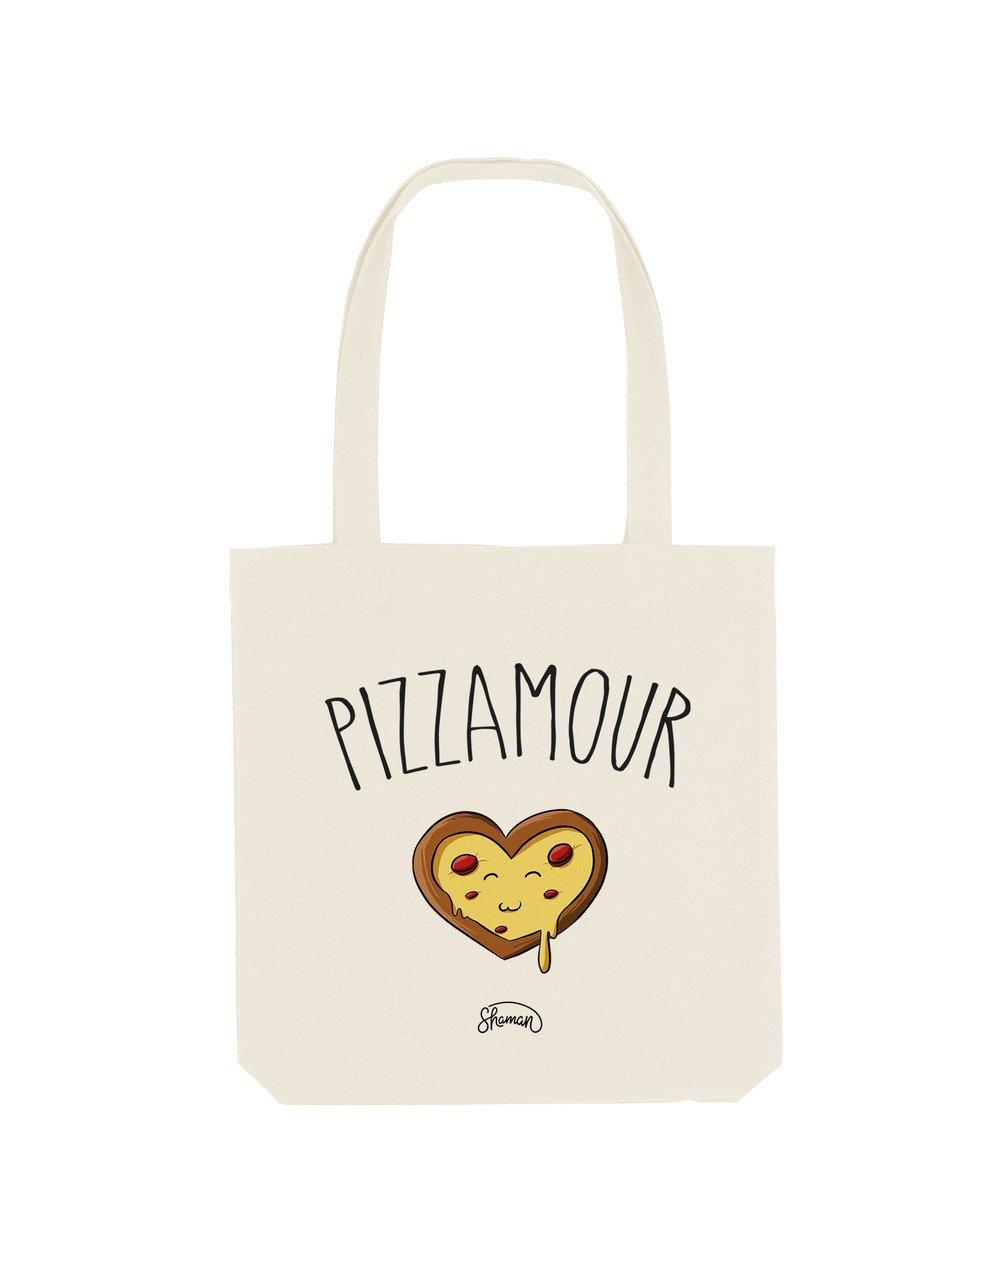 PIZZAMOUR - Tote Bag  Natural  en coton